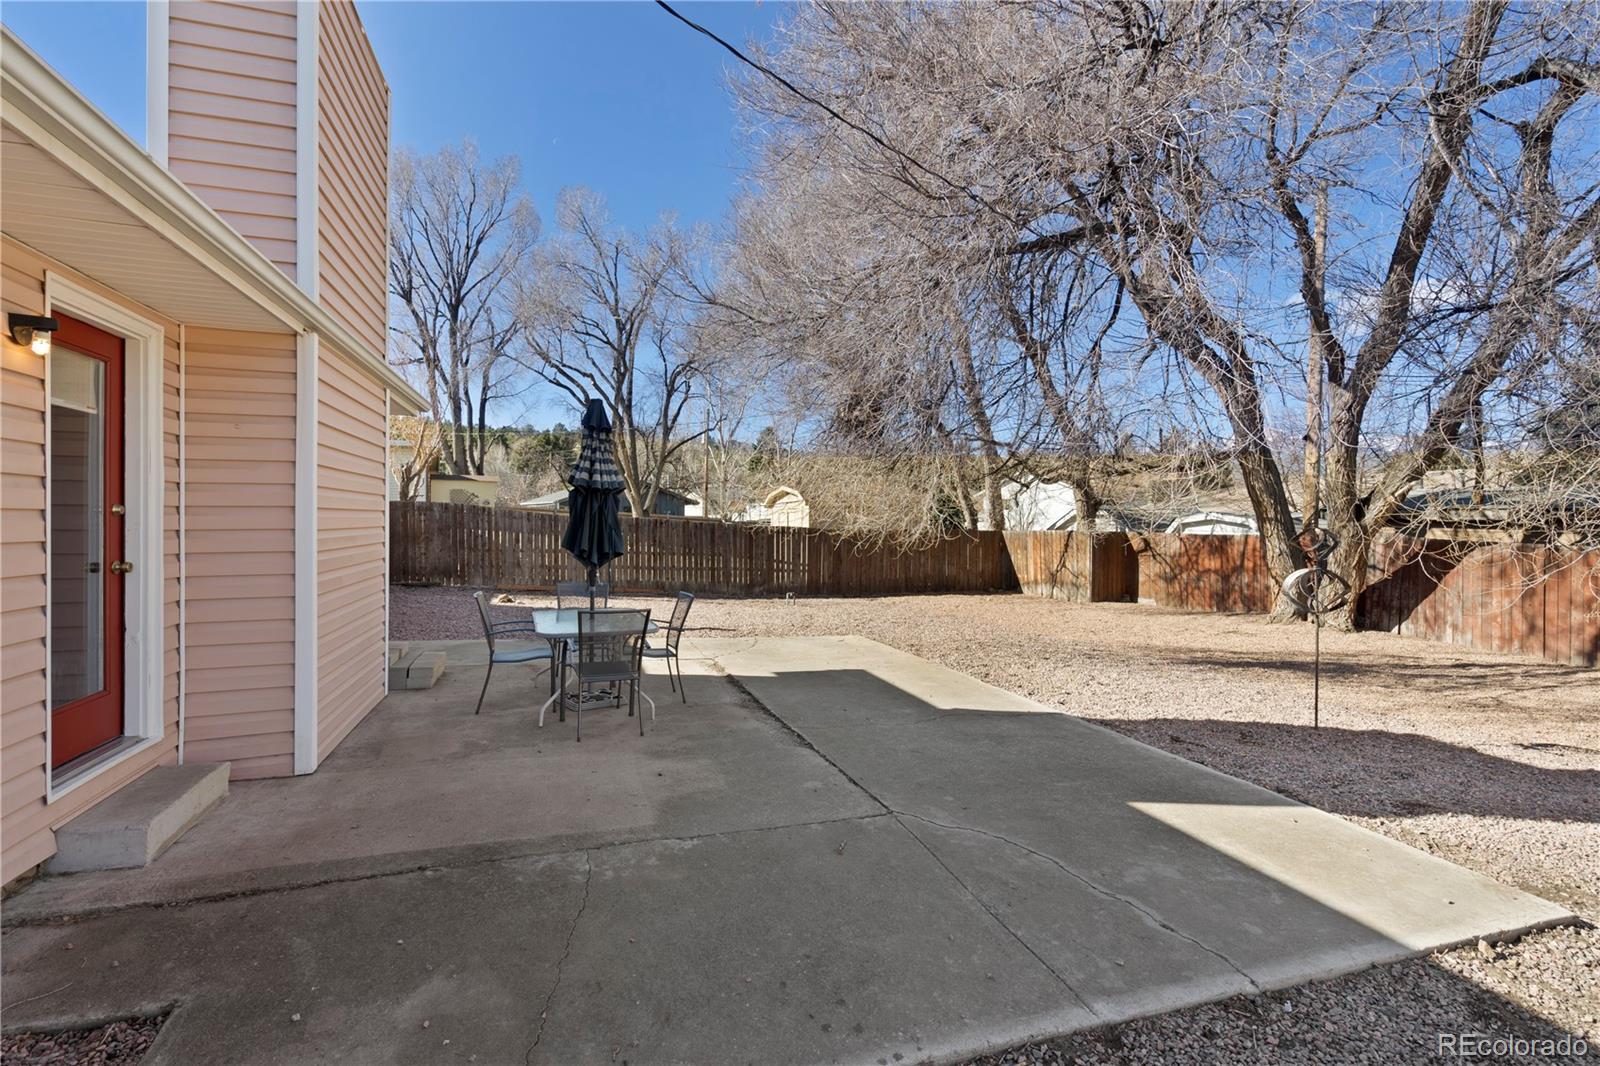 MLS# 1721256 - 24 - 6464 Wicklow Circle, Colorado Springs, CO 80918